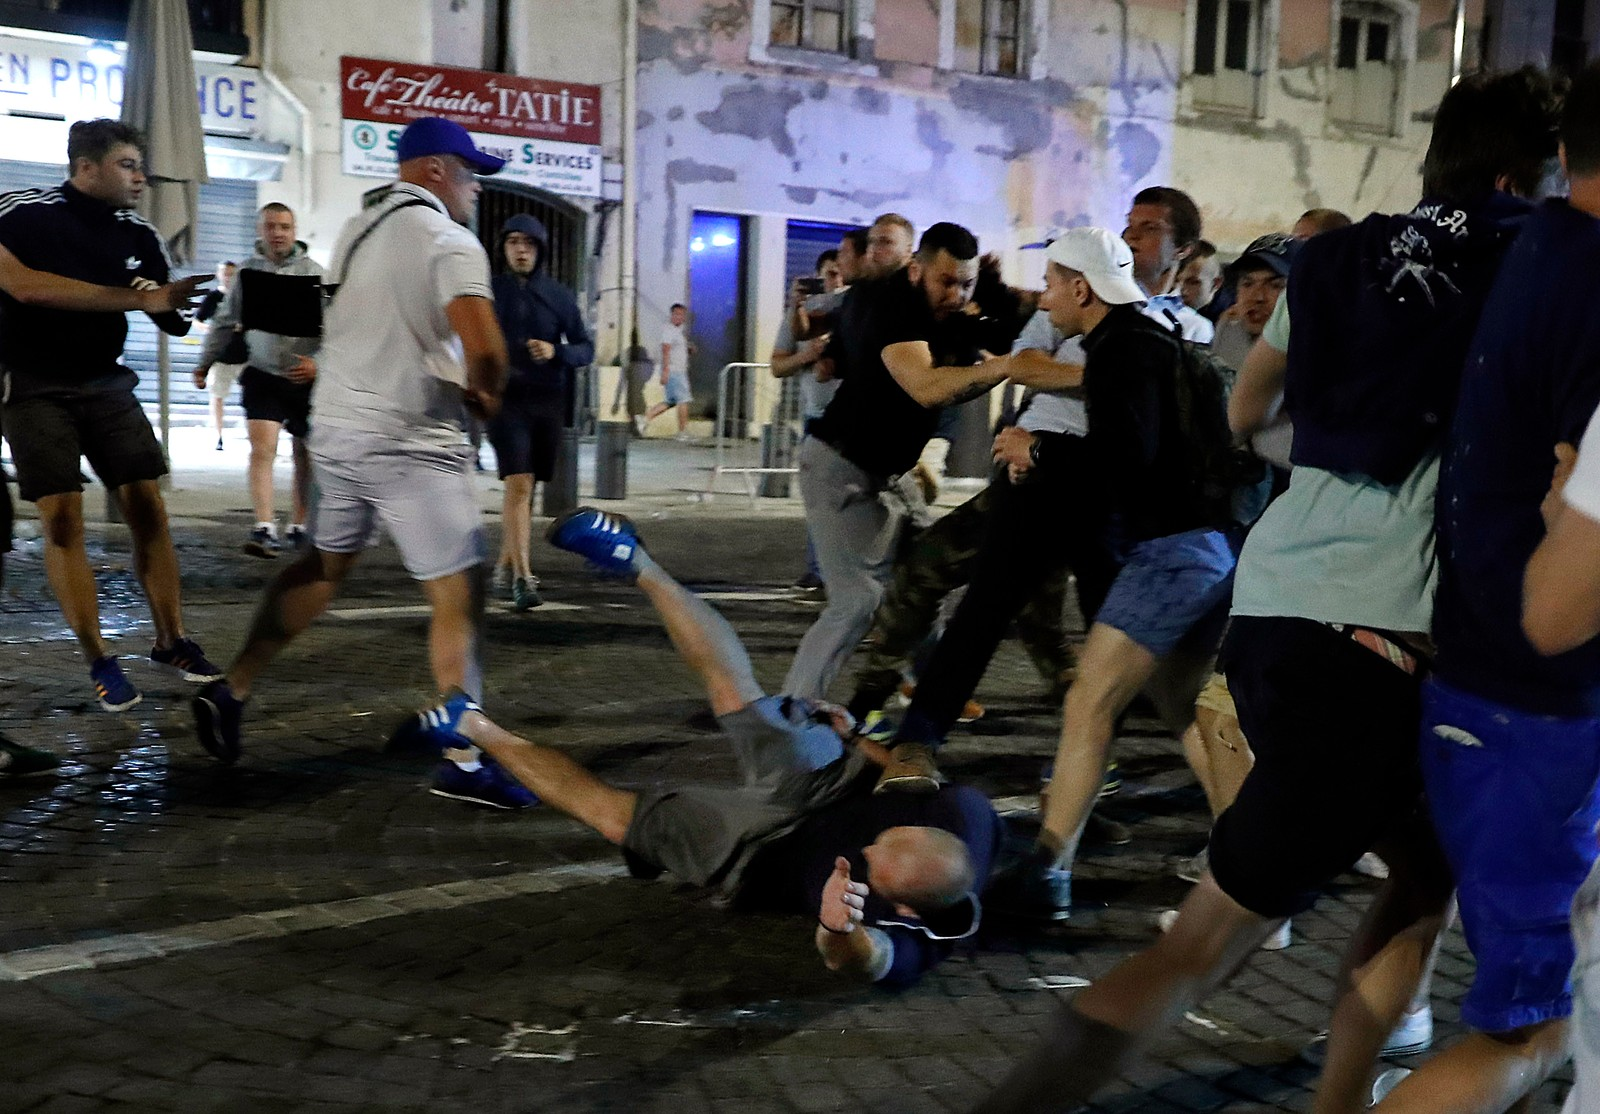 Fotballsuppoertere i sammenstøt i Marseille